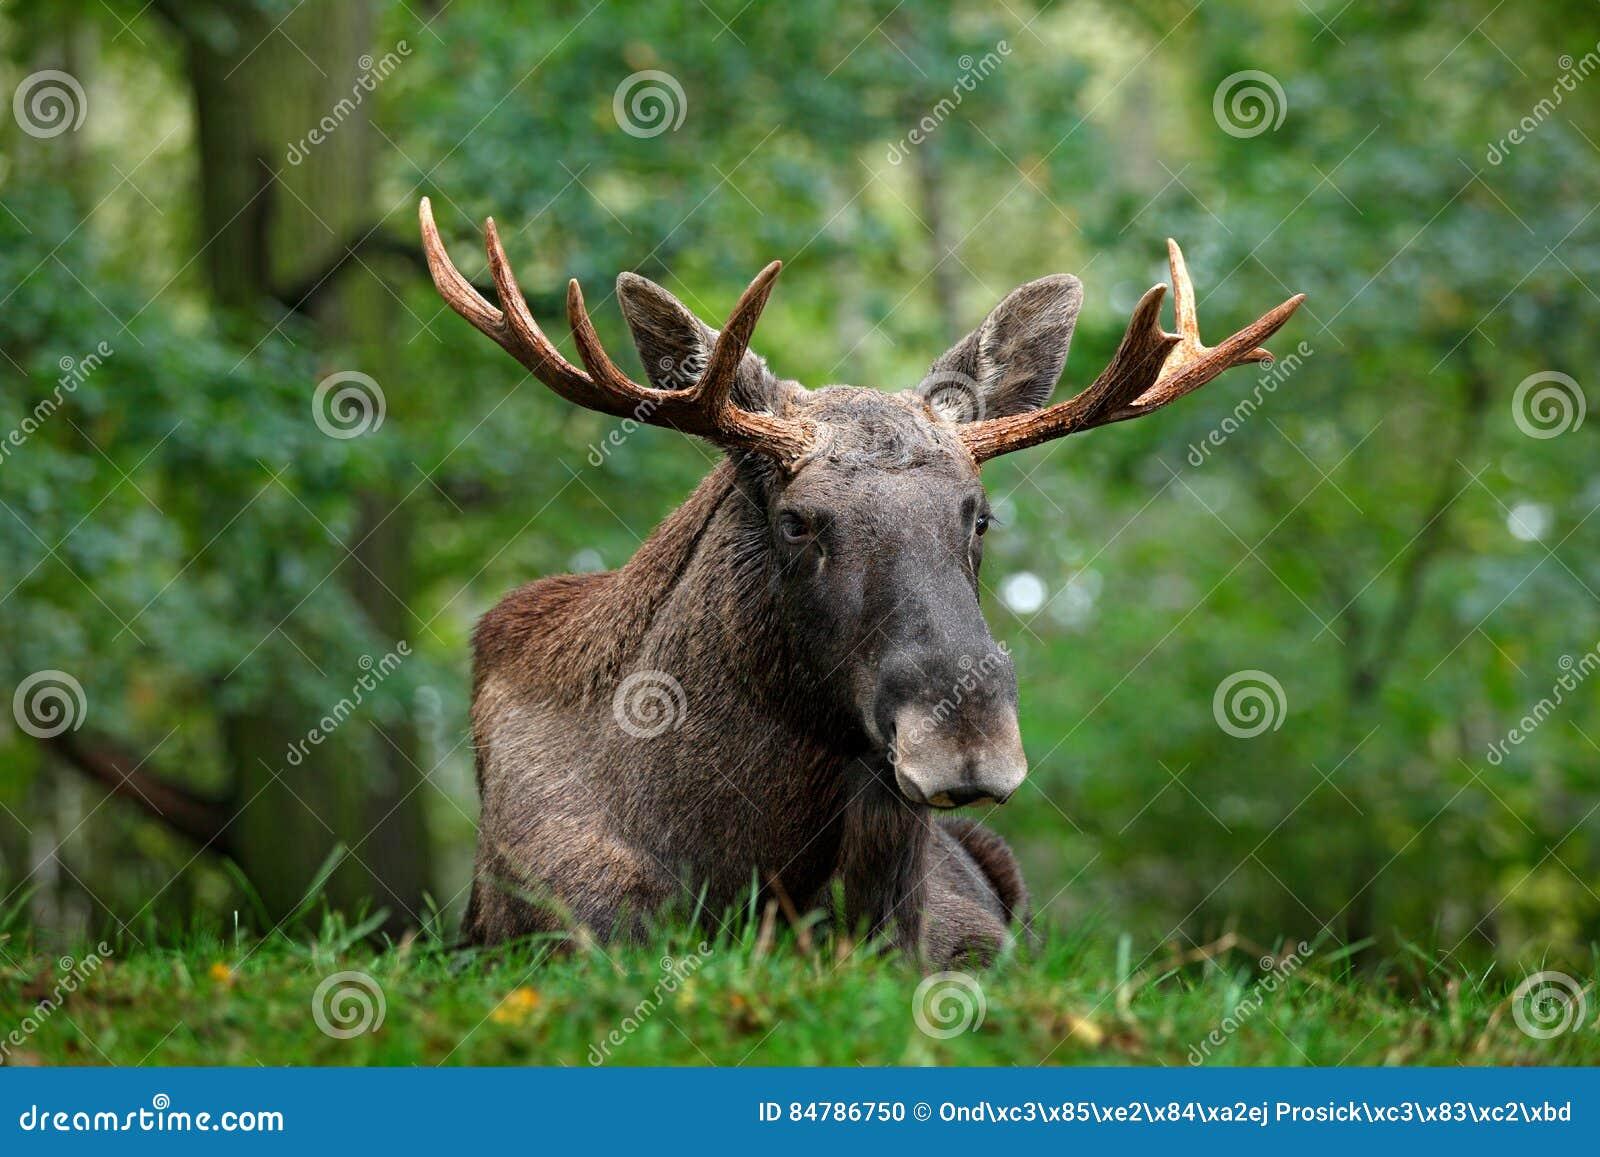 Szene der wild lebenden Tiere von Schweden Elche, die im Gras unter Bäumen liegen Elche, Nordamerika oder eurasische Elche, Euras